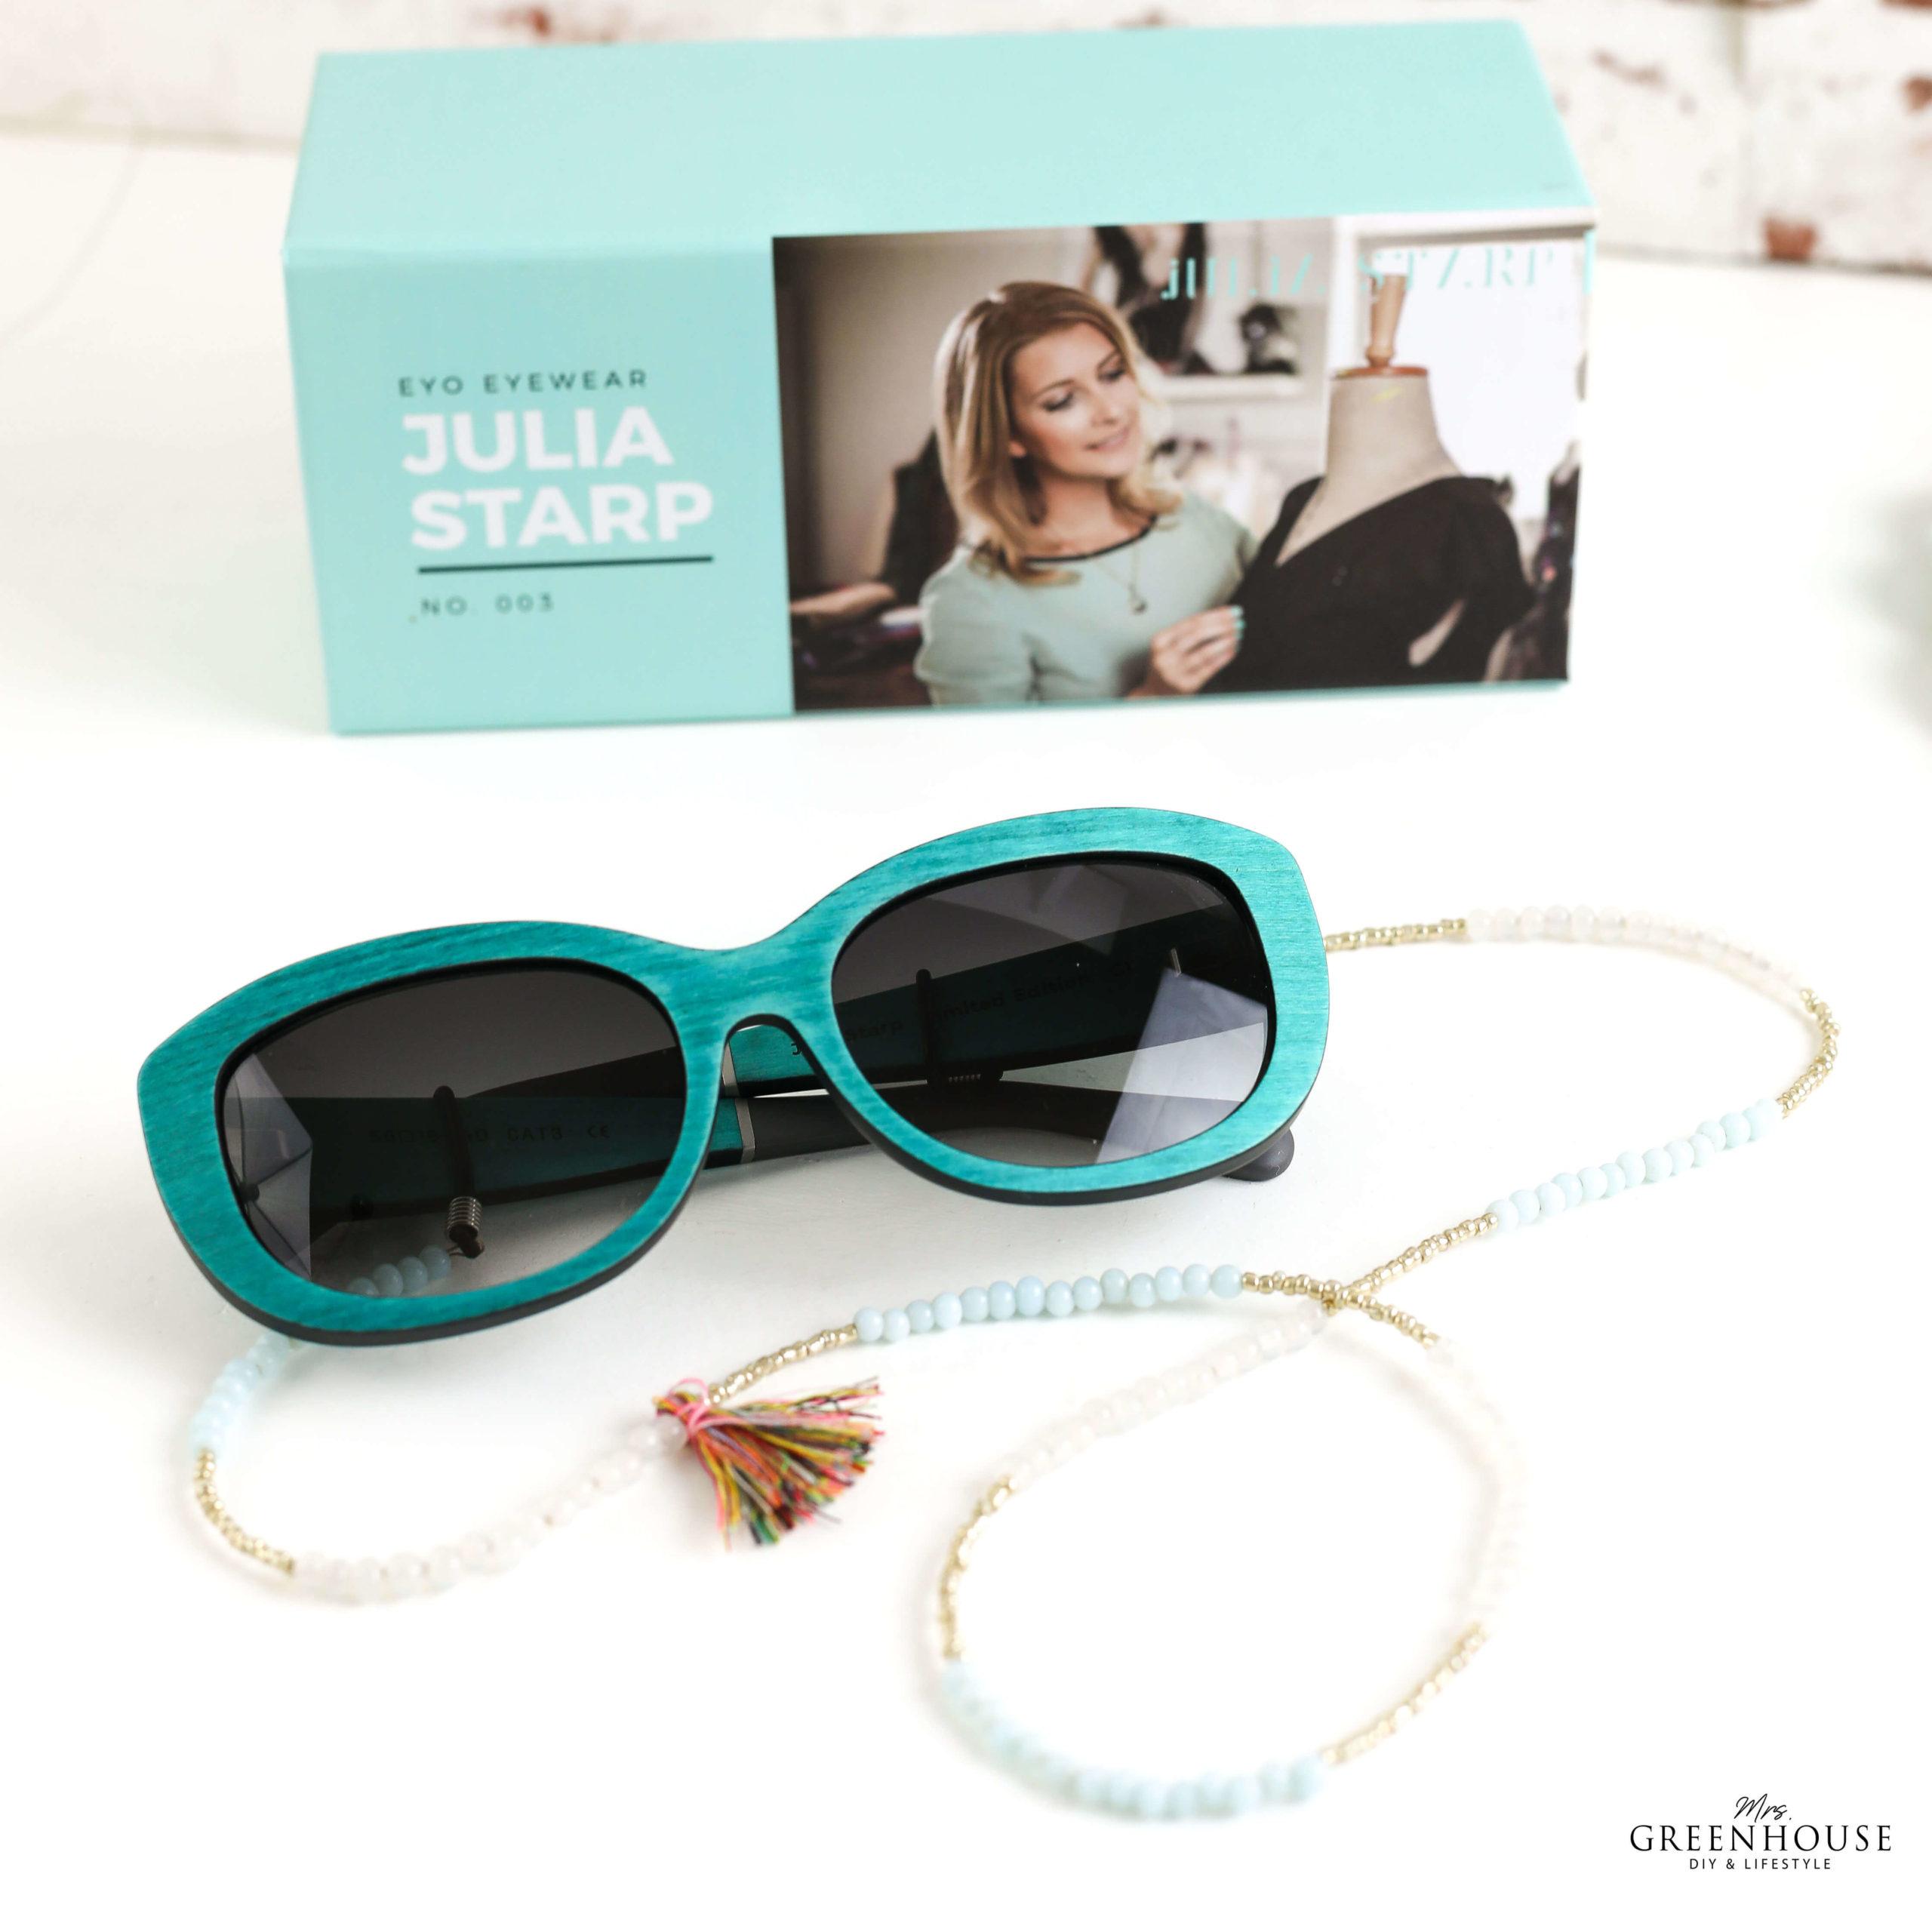 Brillenband für Sonnenbrille von Julia Starp